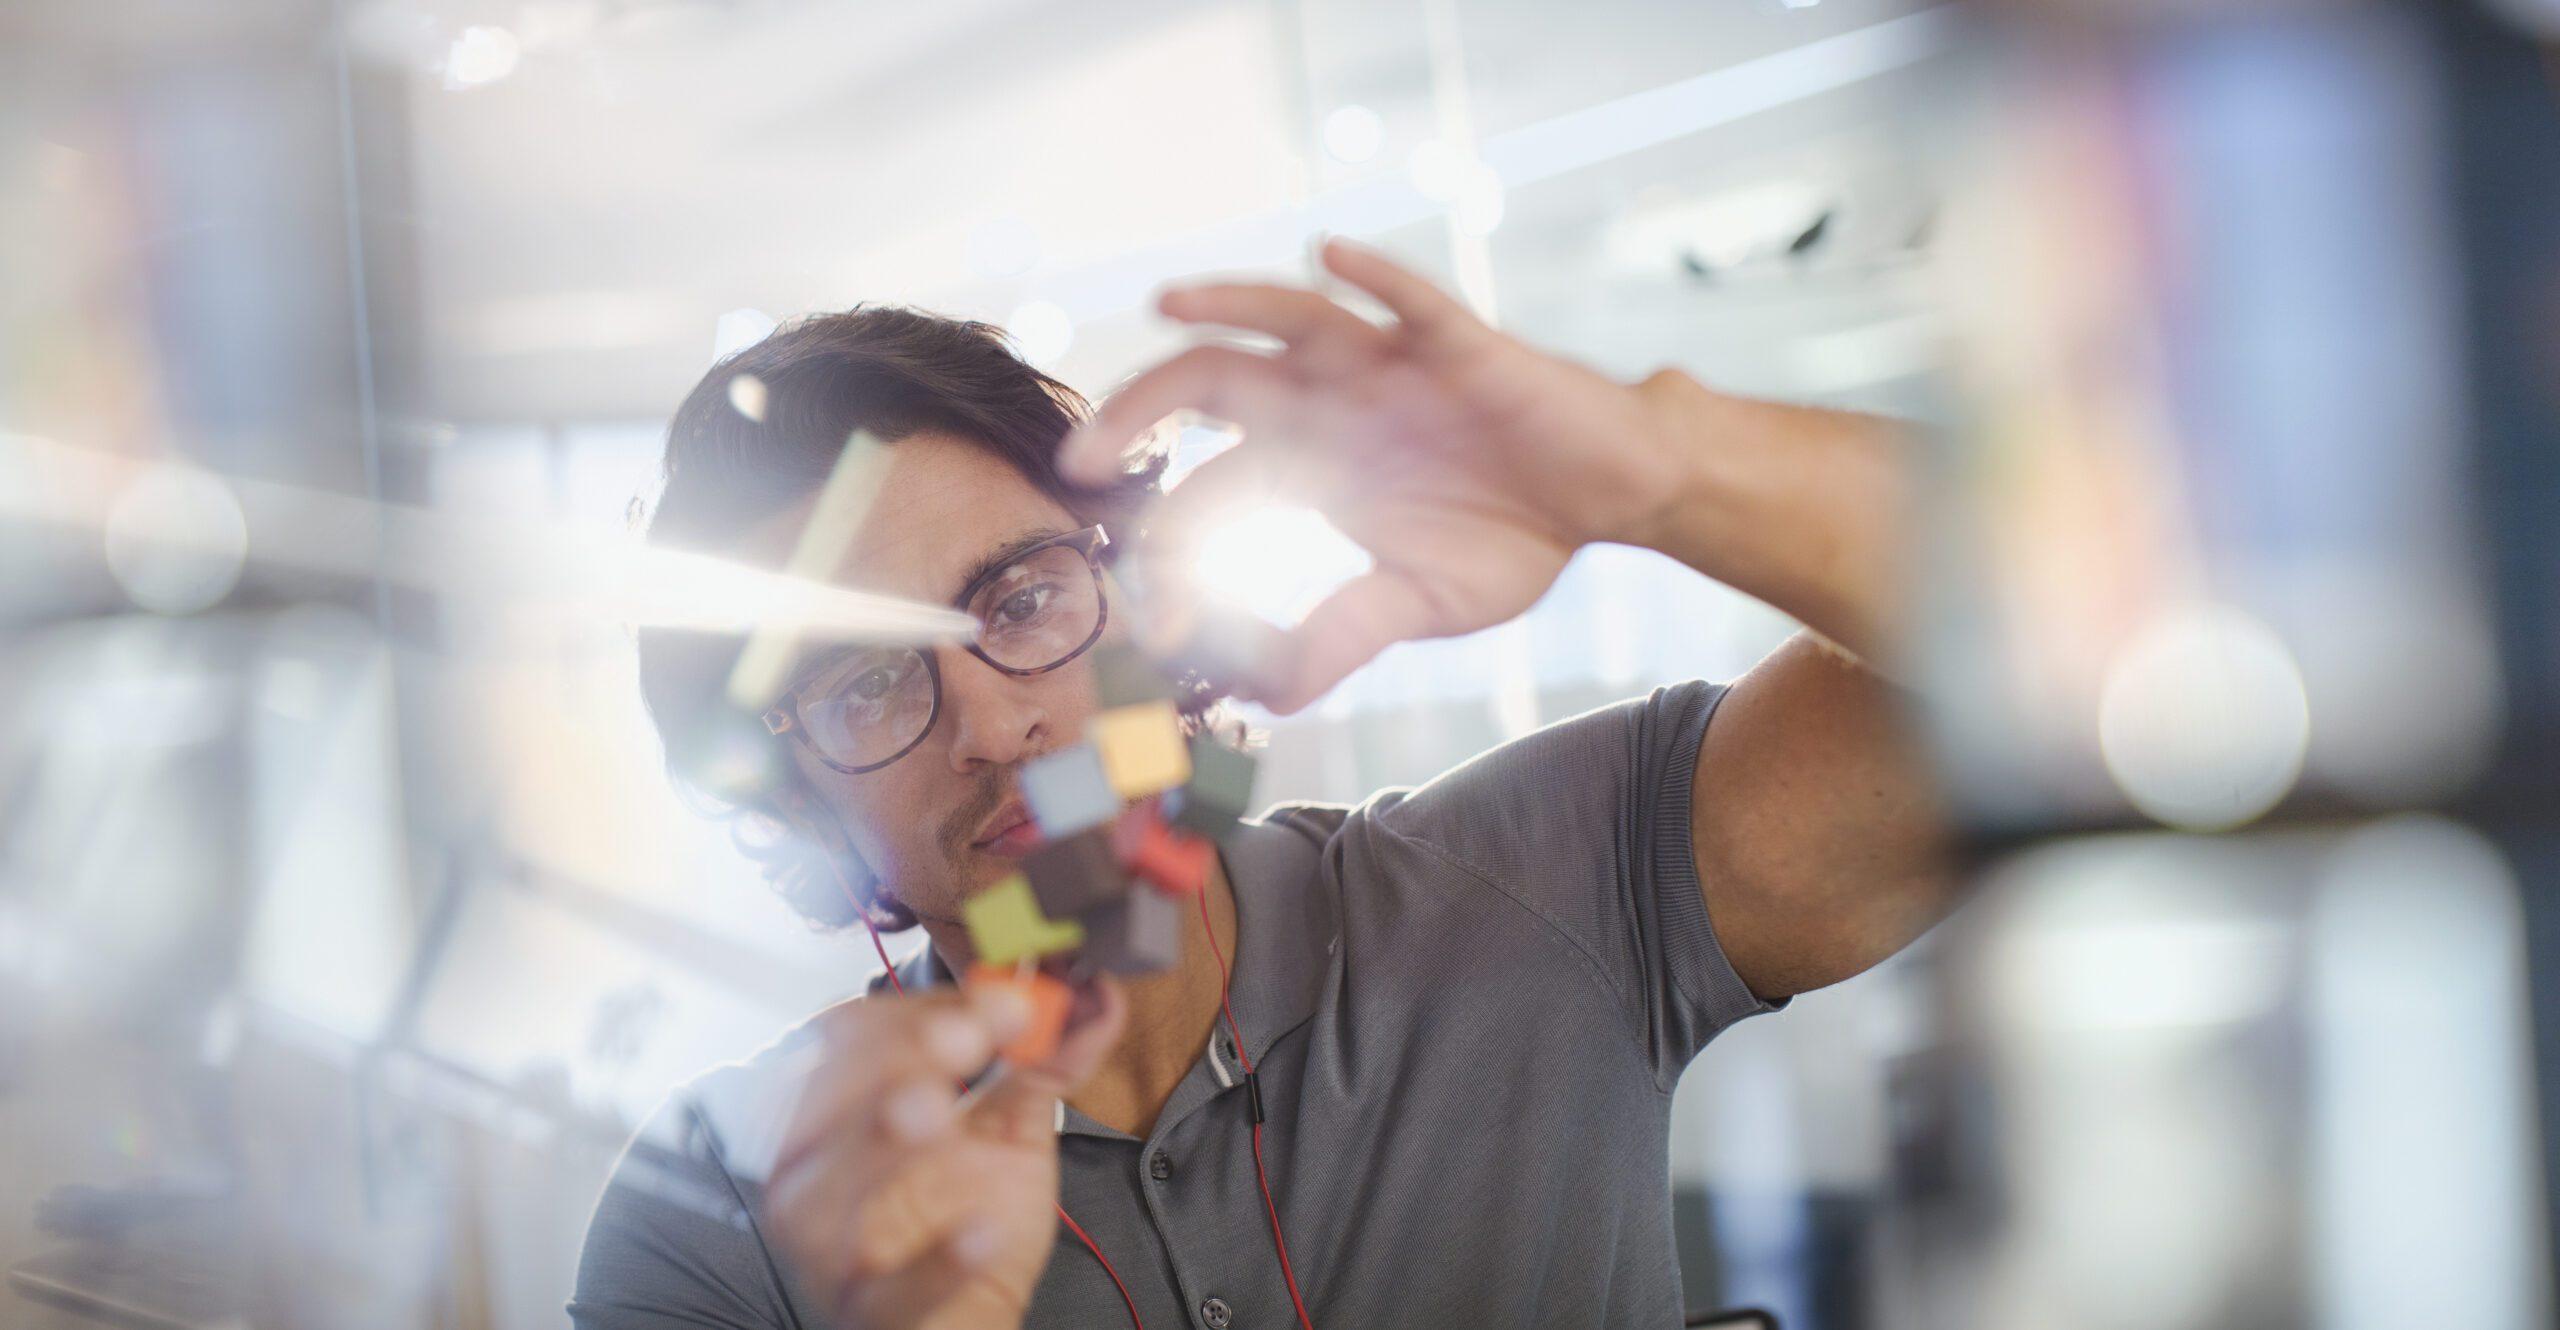 Avec notre offre de structuration de la R&D, FI Group propose un accompagnement sur mesure afin d'améliorer votre capacité à innover